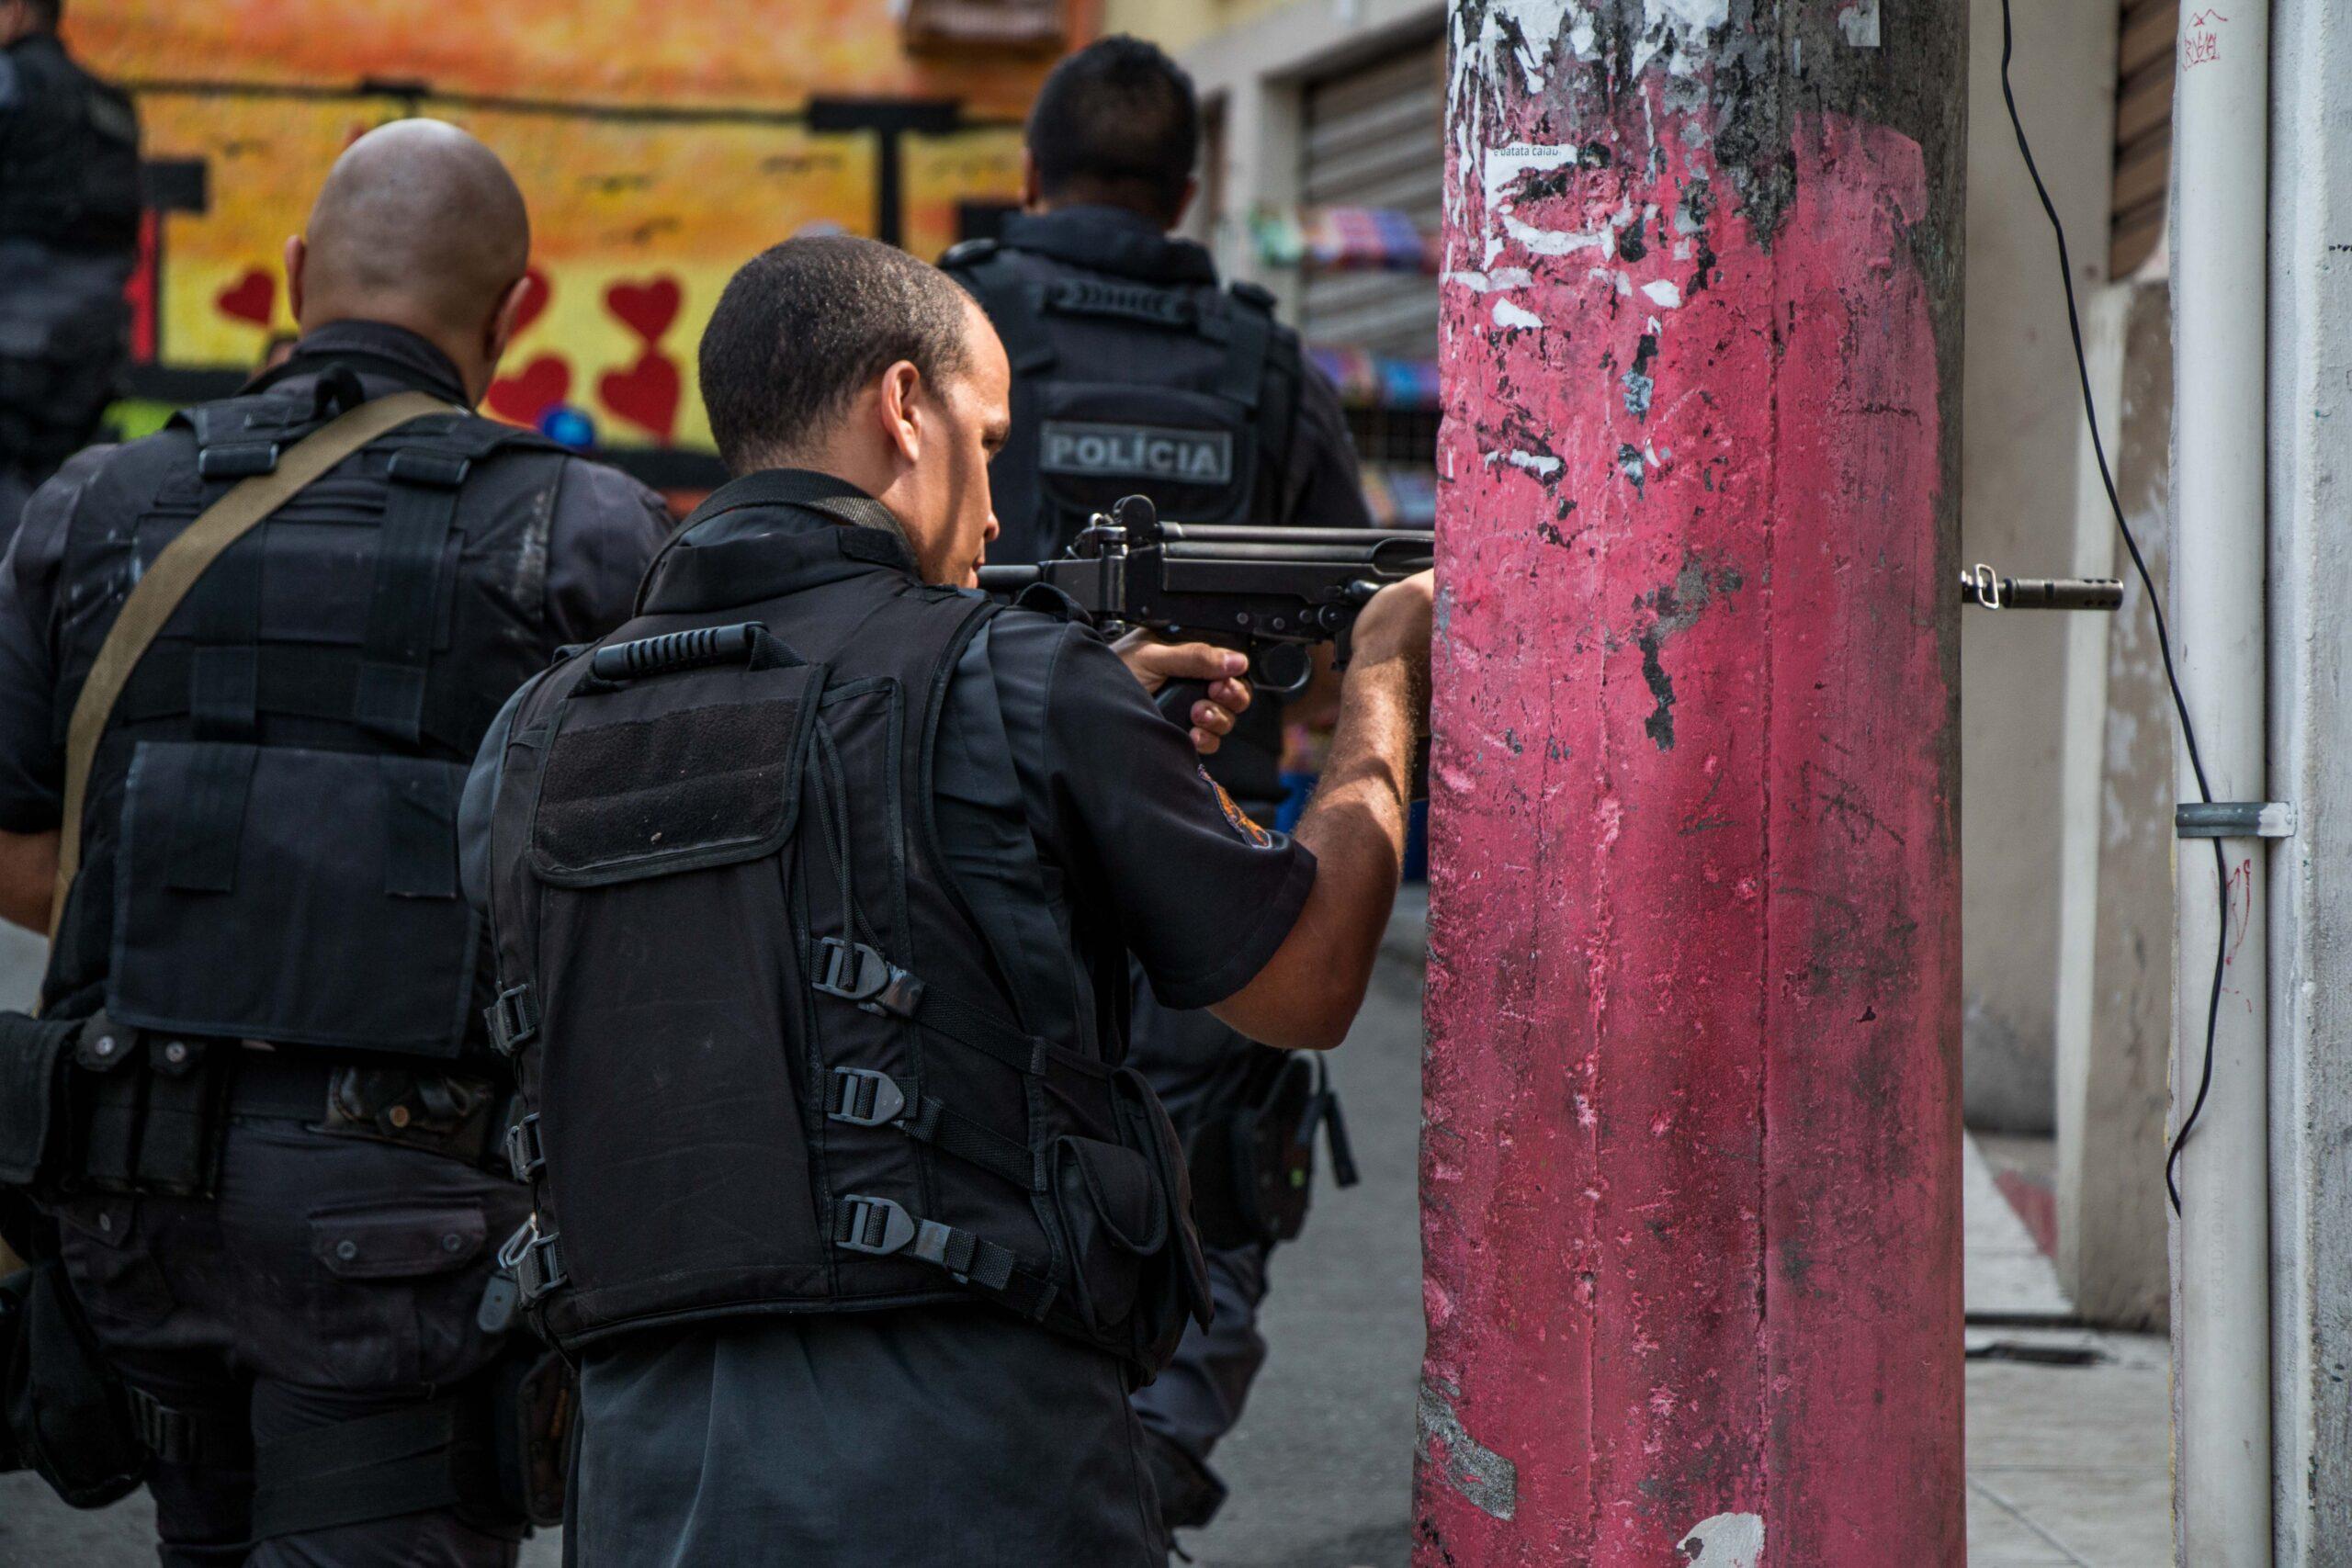 Ministro Marco Aurélio vota favorável à proibição de operações policiais em favelas durante pandemia